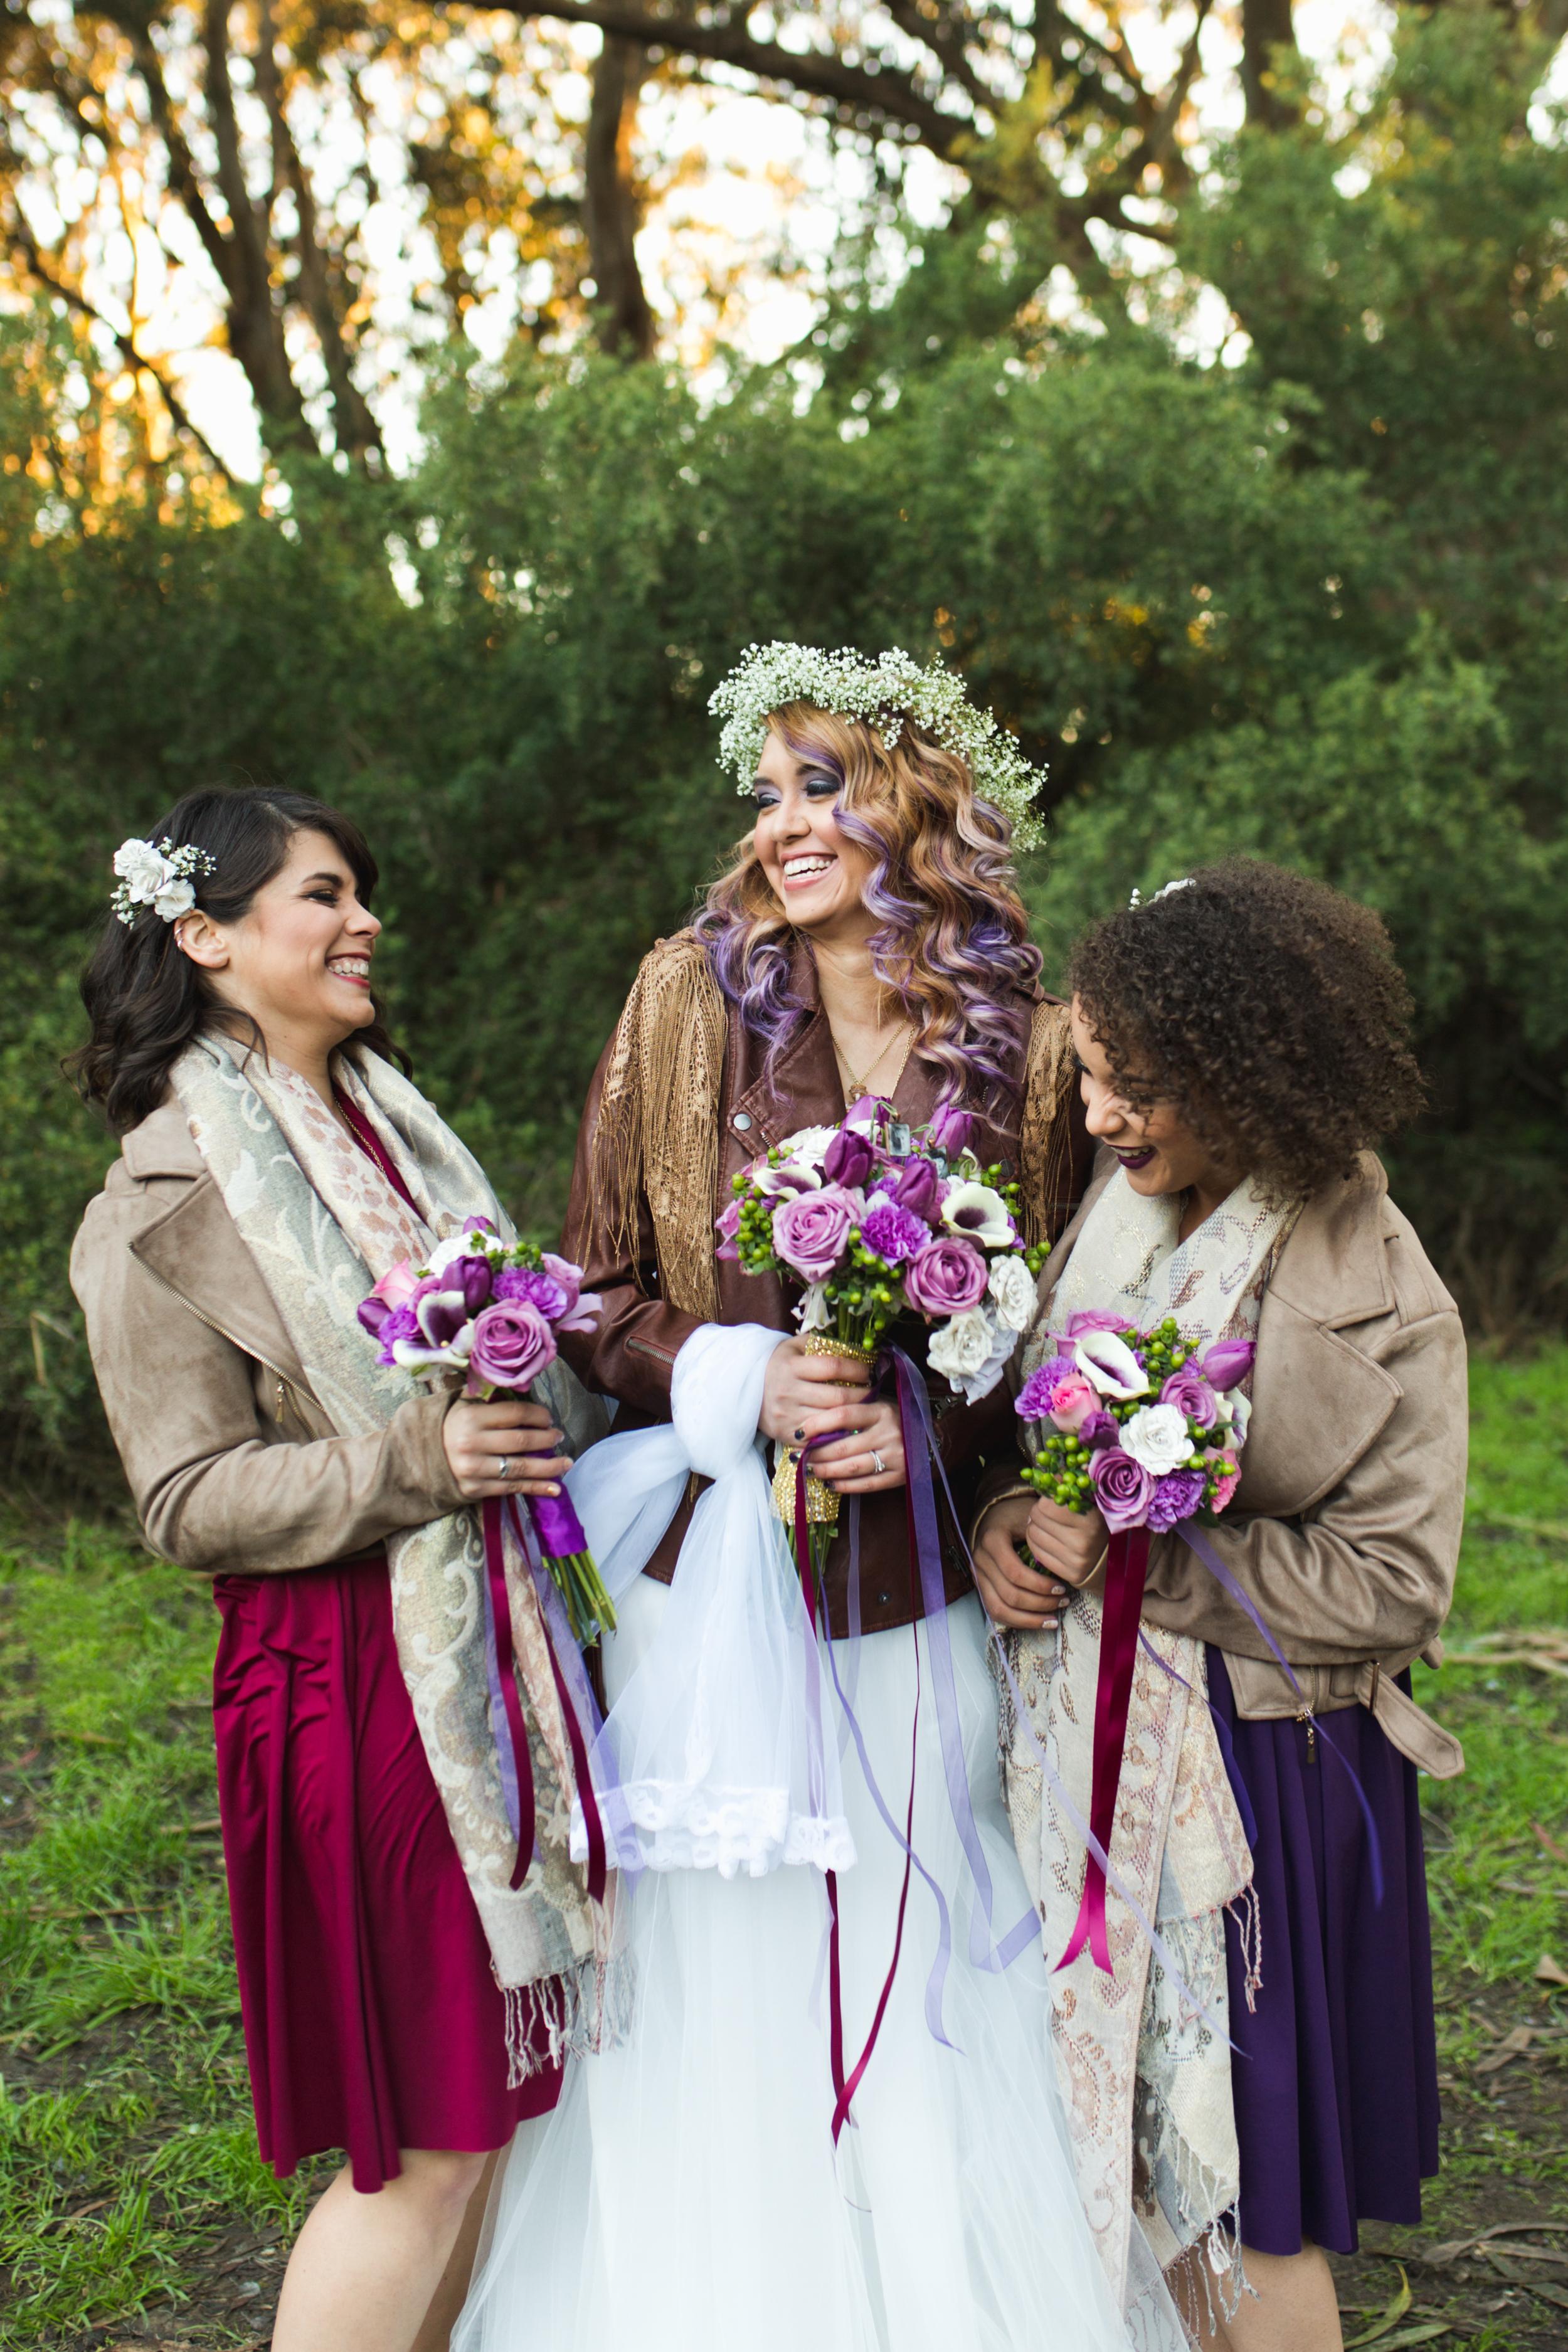 golden-gate-park-san-francisco-wedding-bridesmaids